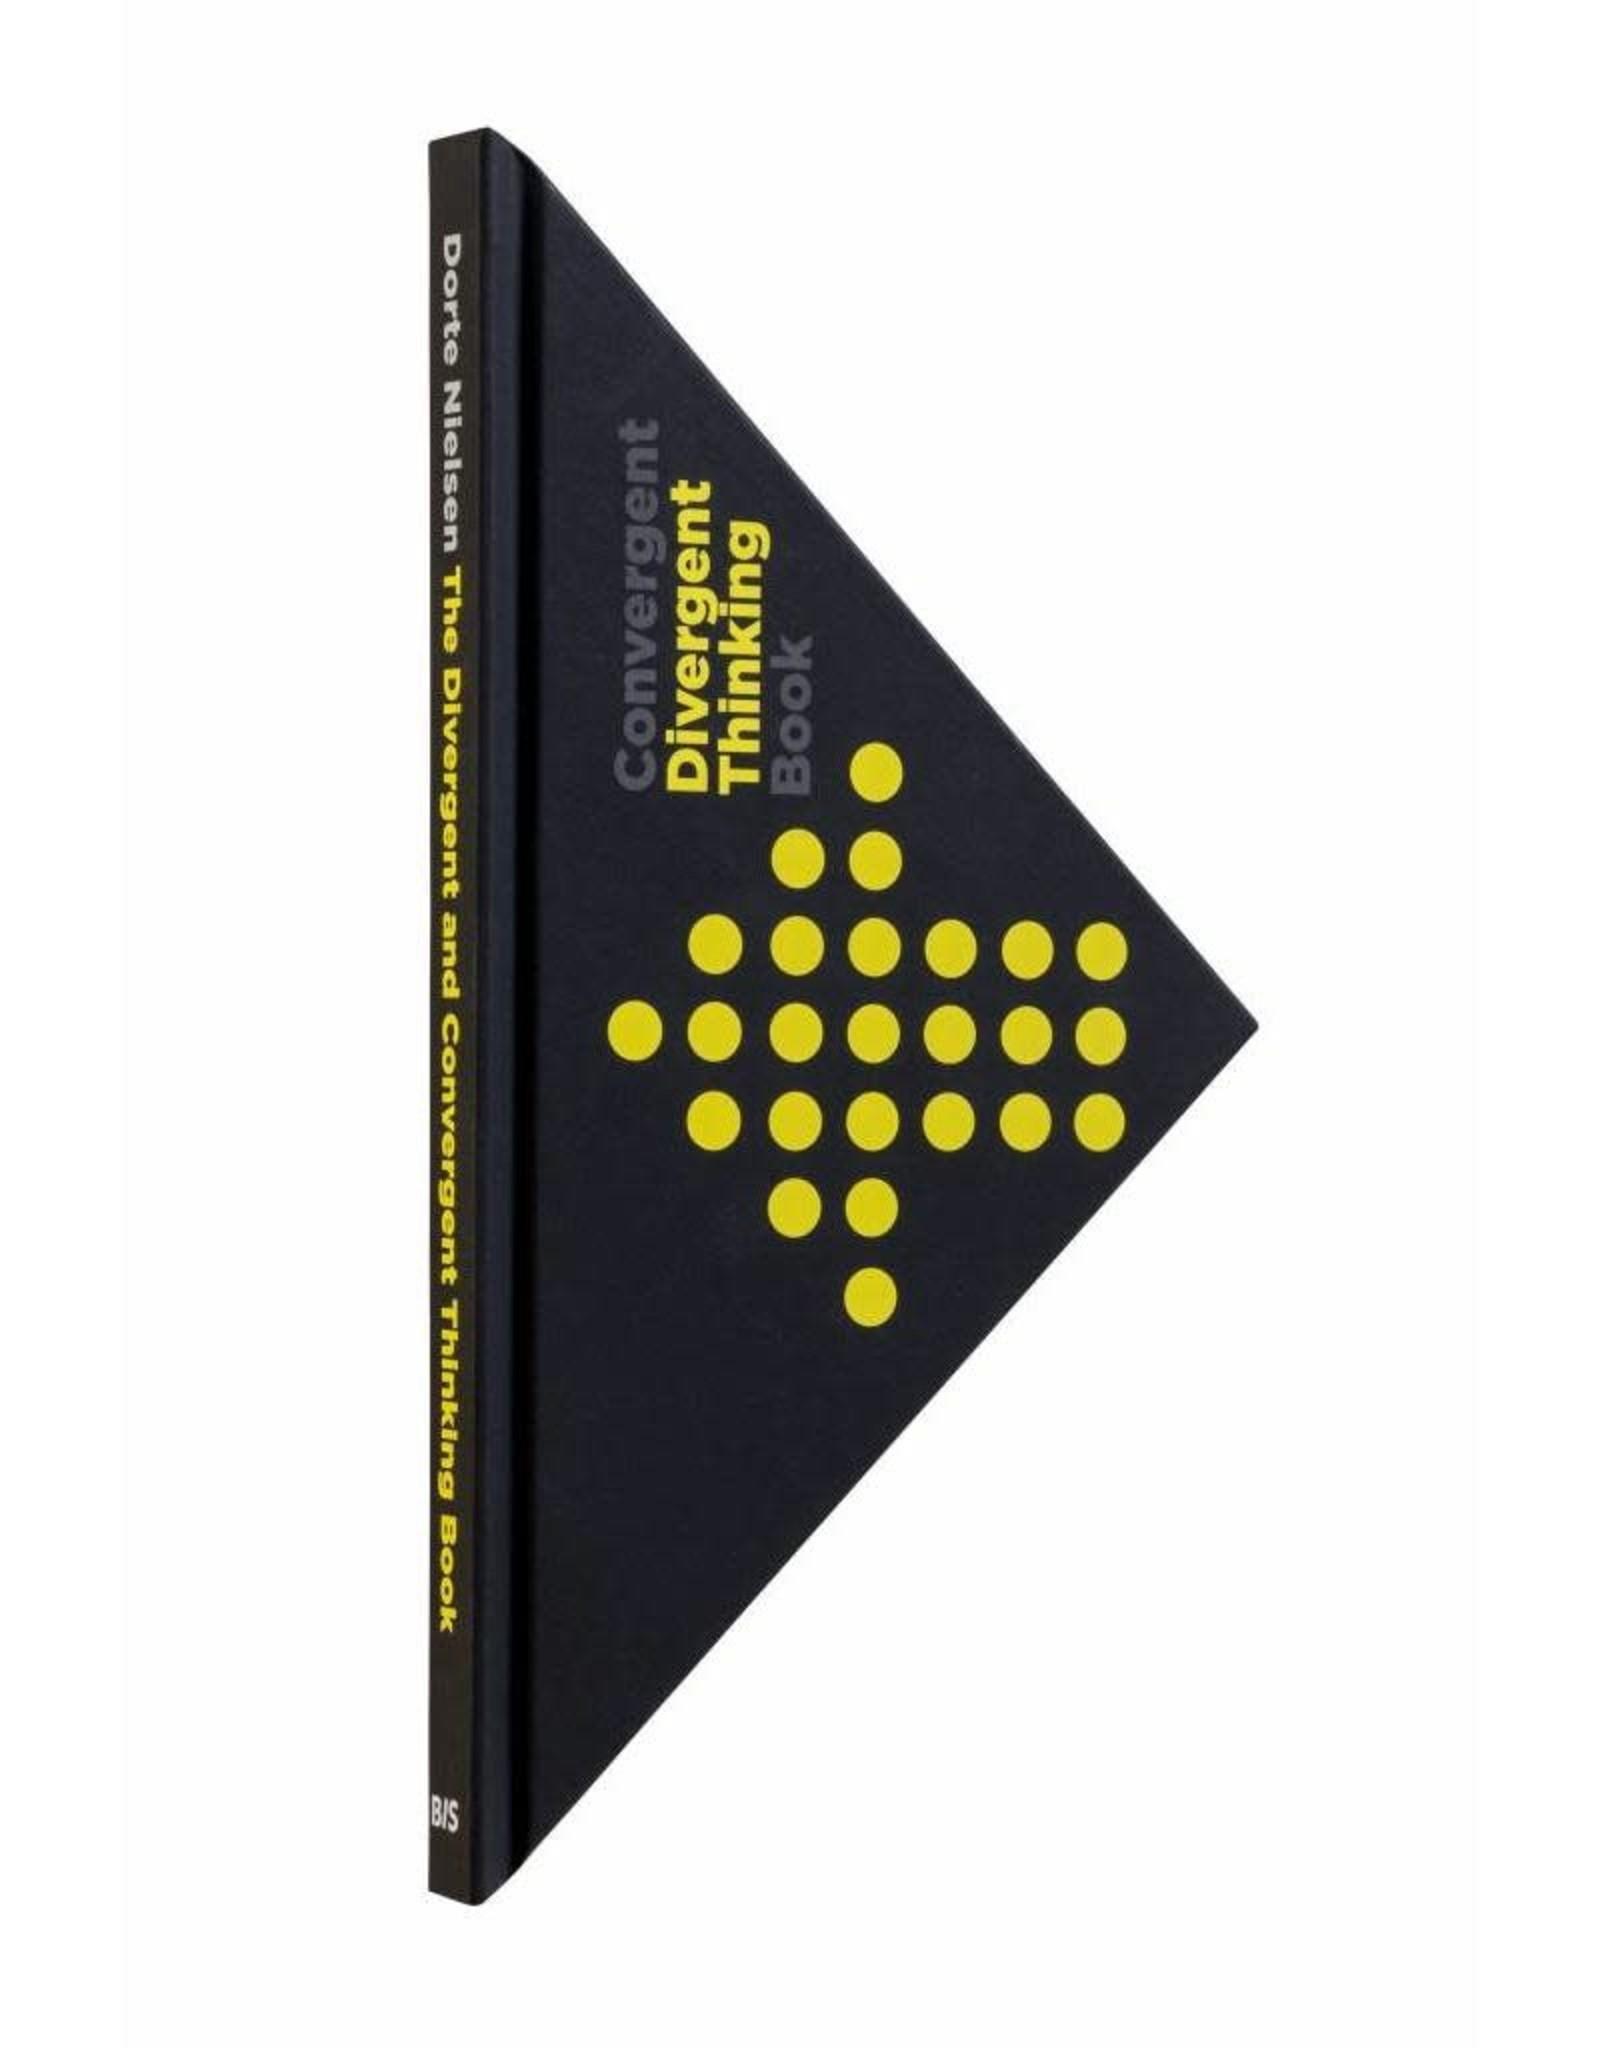 Convergent Divergent Thinking Book